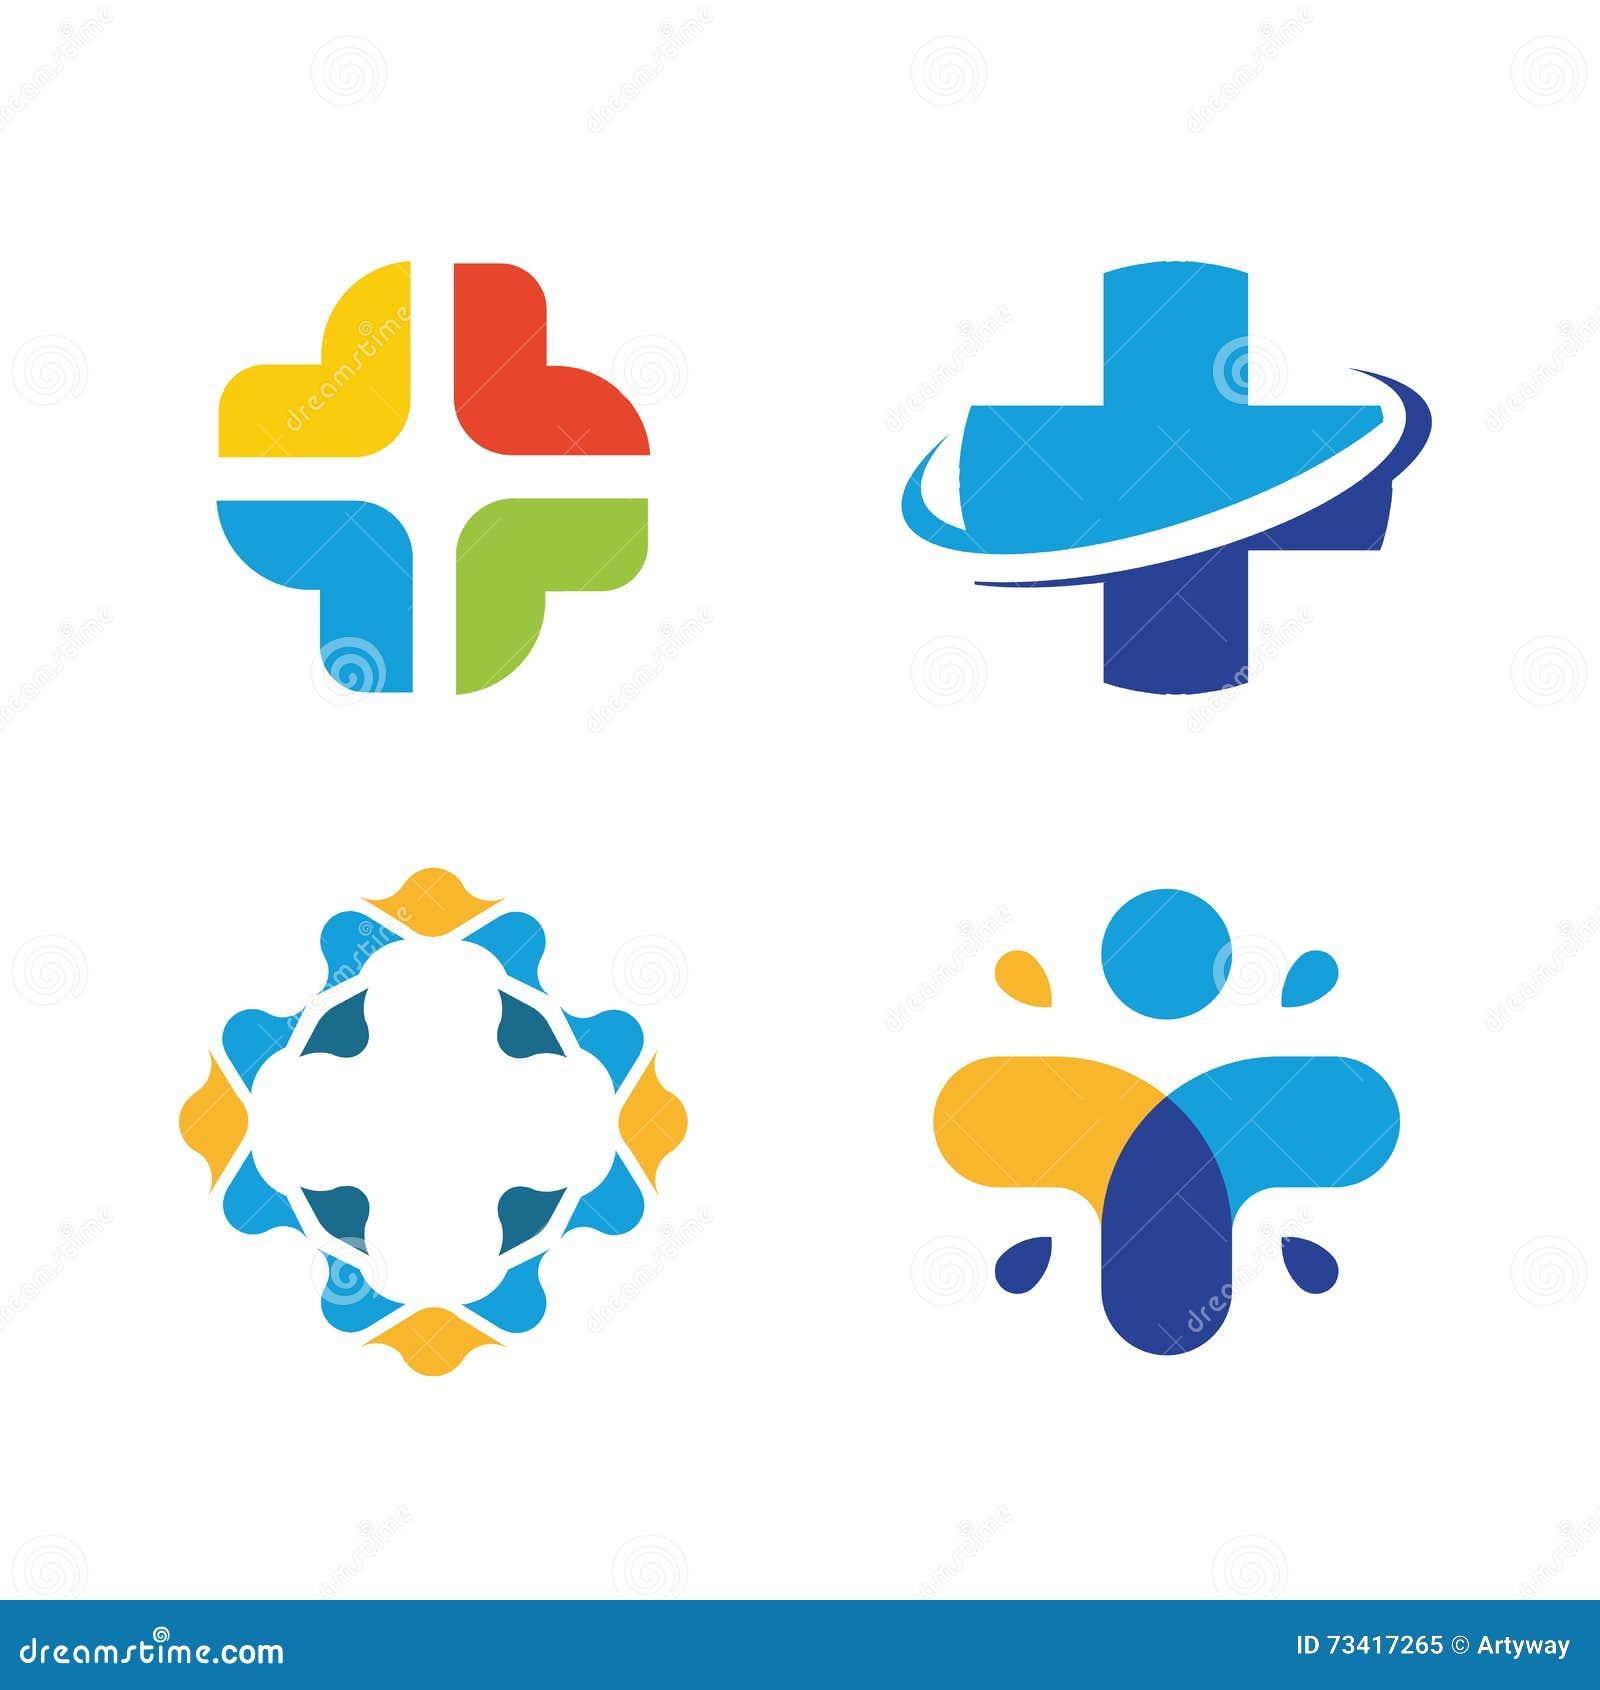 health care symbol vector wwwpixsharkcom images